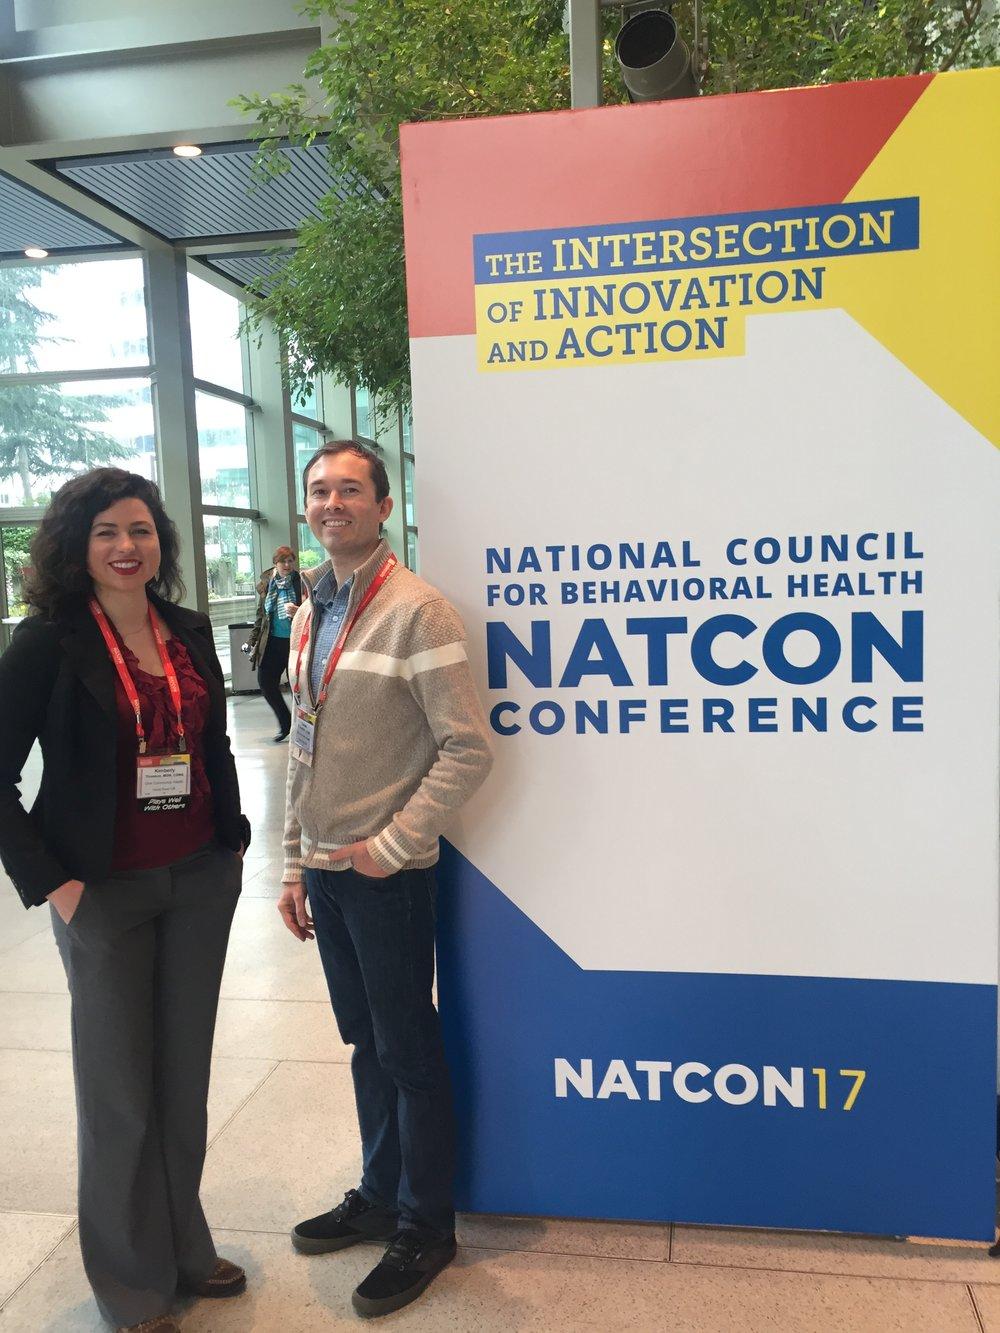 Kimberly Thomson, MSW y Lucas O'Laughlin, LCSW MAC CADC III, de One Community Health asisten al Consejo Nacional para la Conferencia de Salud del Comportamiento, primavera de 2017.